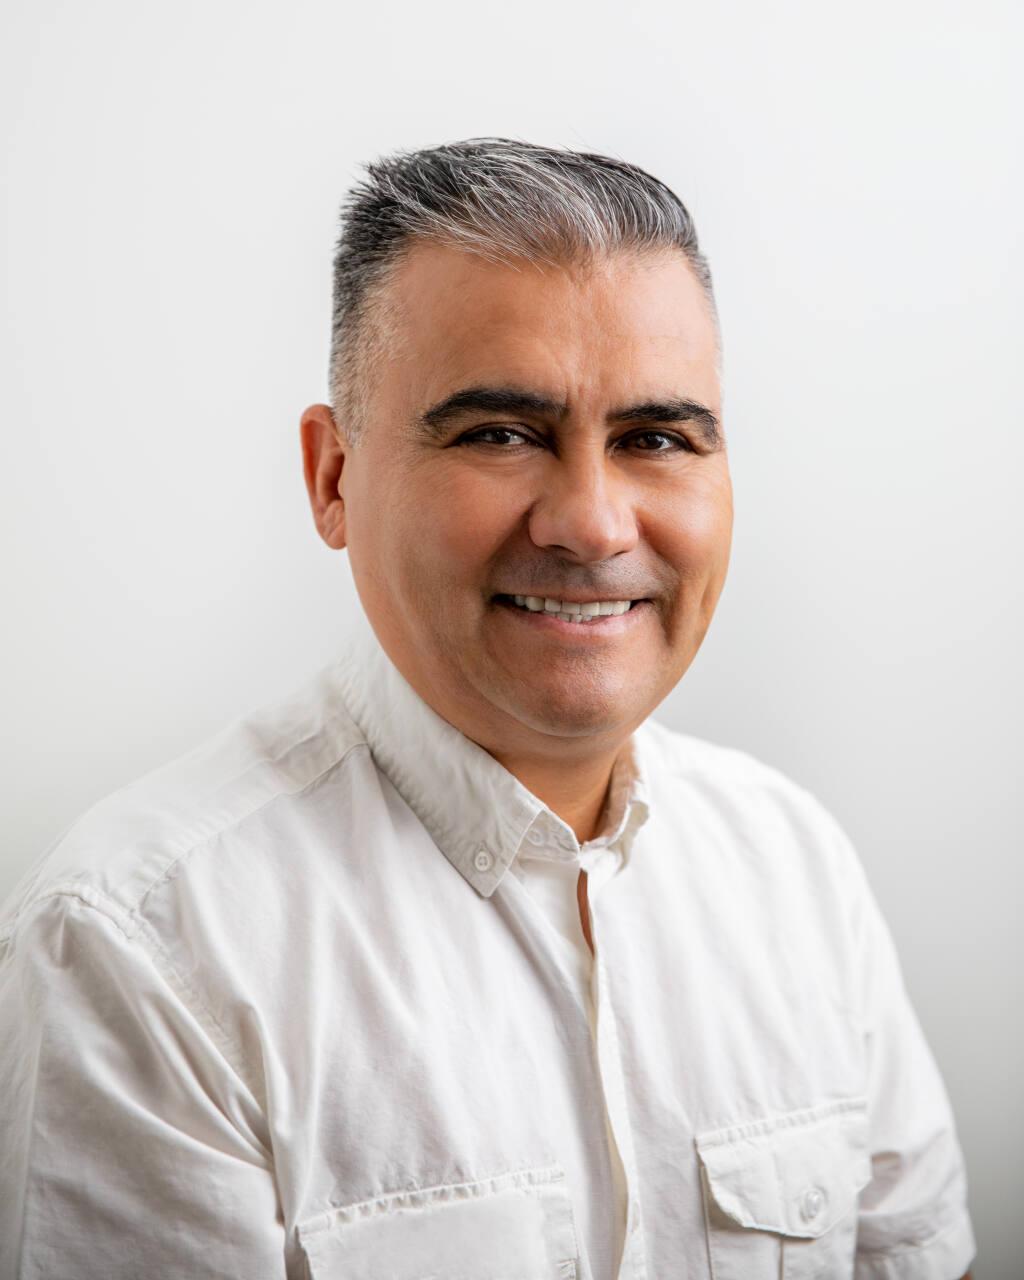 Salvador Cruz, founder, Fru-ta All Natural Ice Cream, Santa Rosa  (Brian Samuel Donald photo)